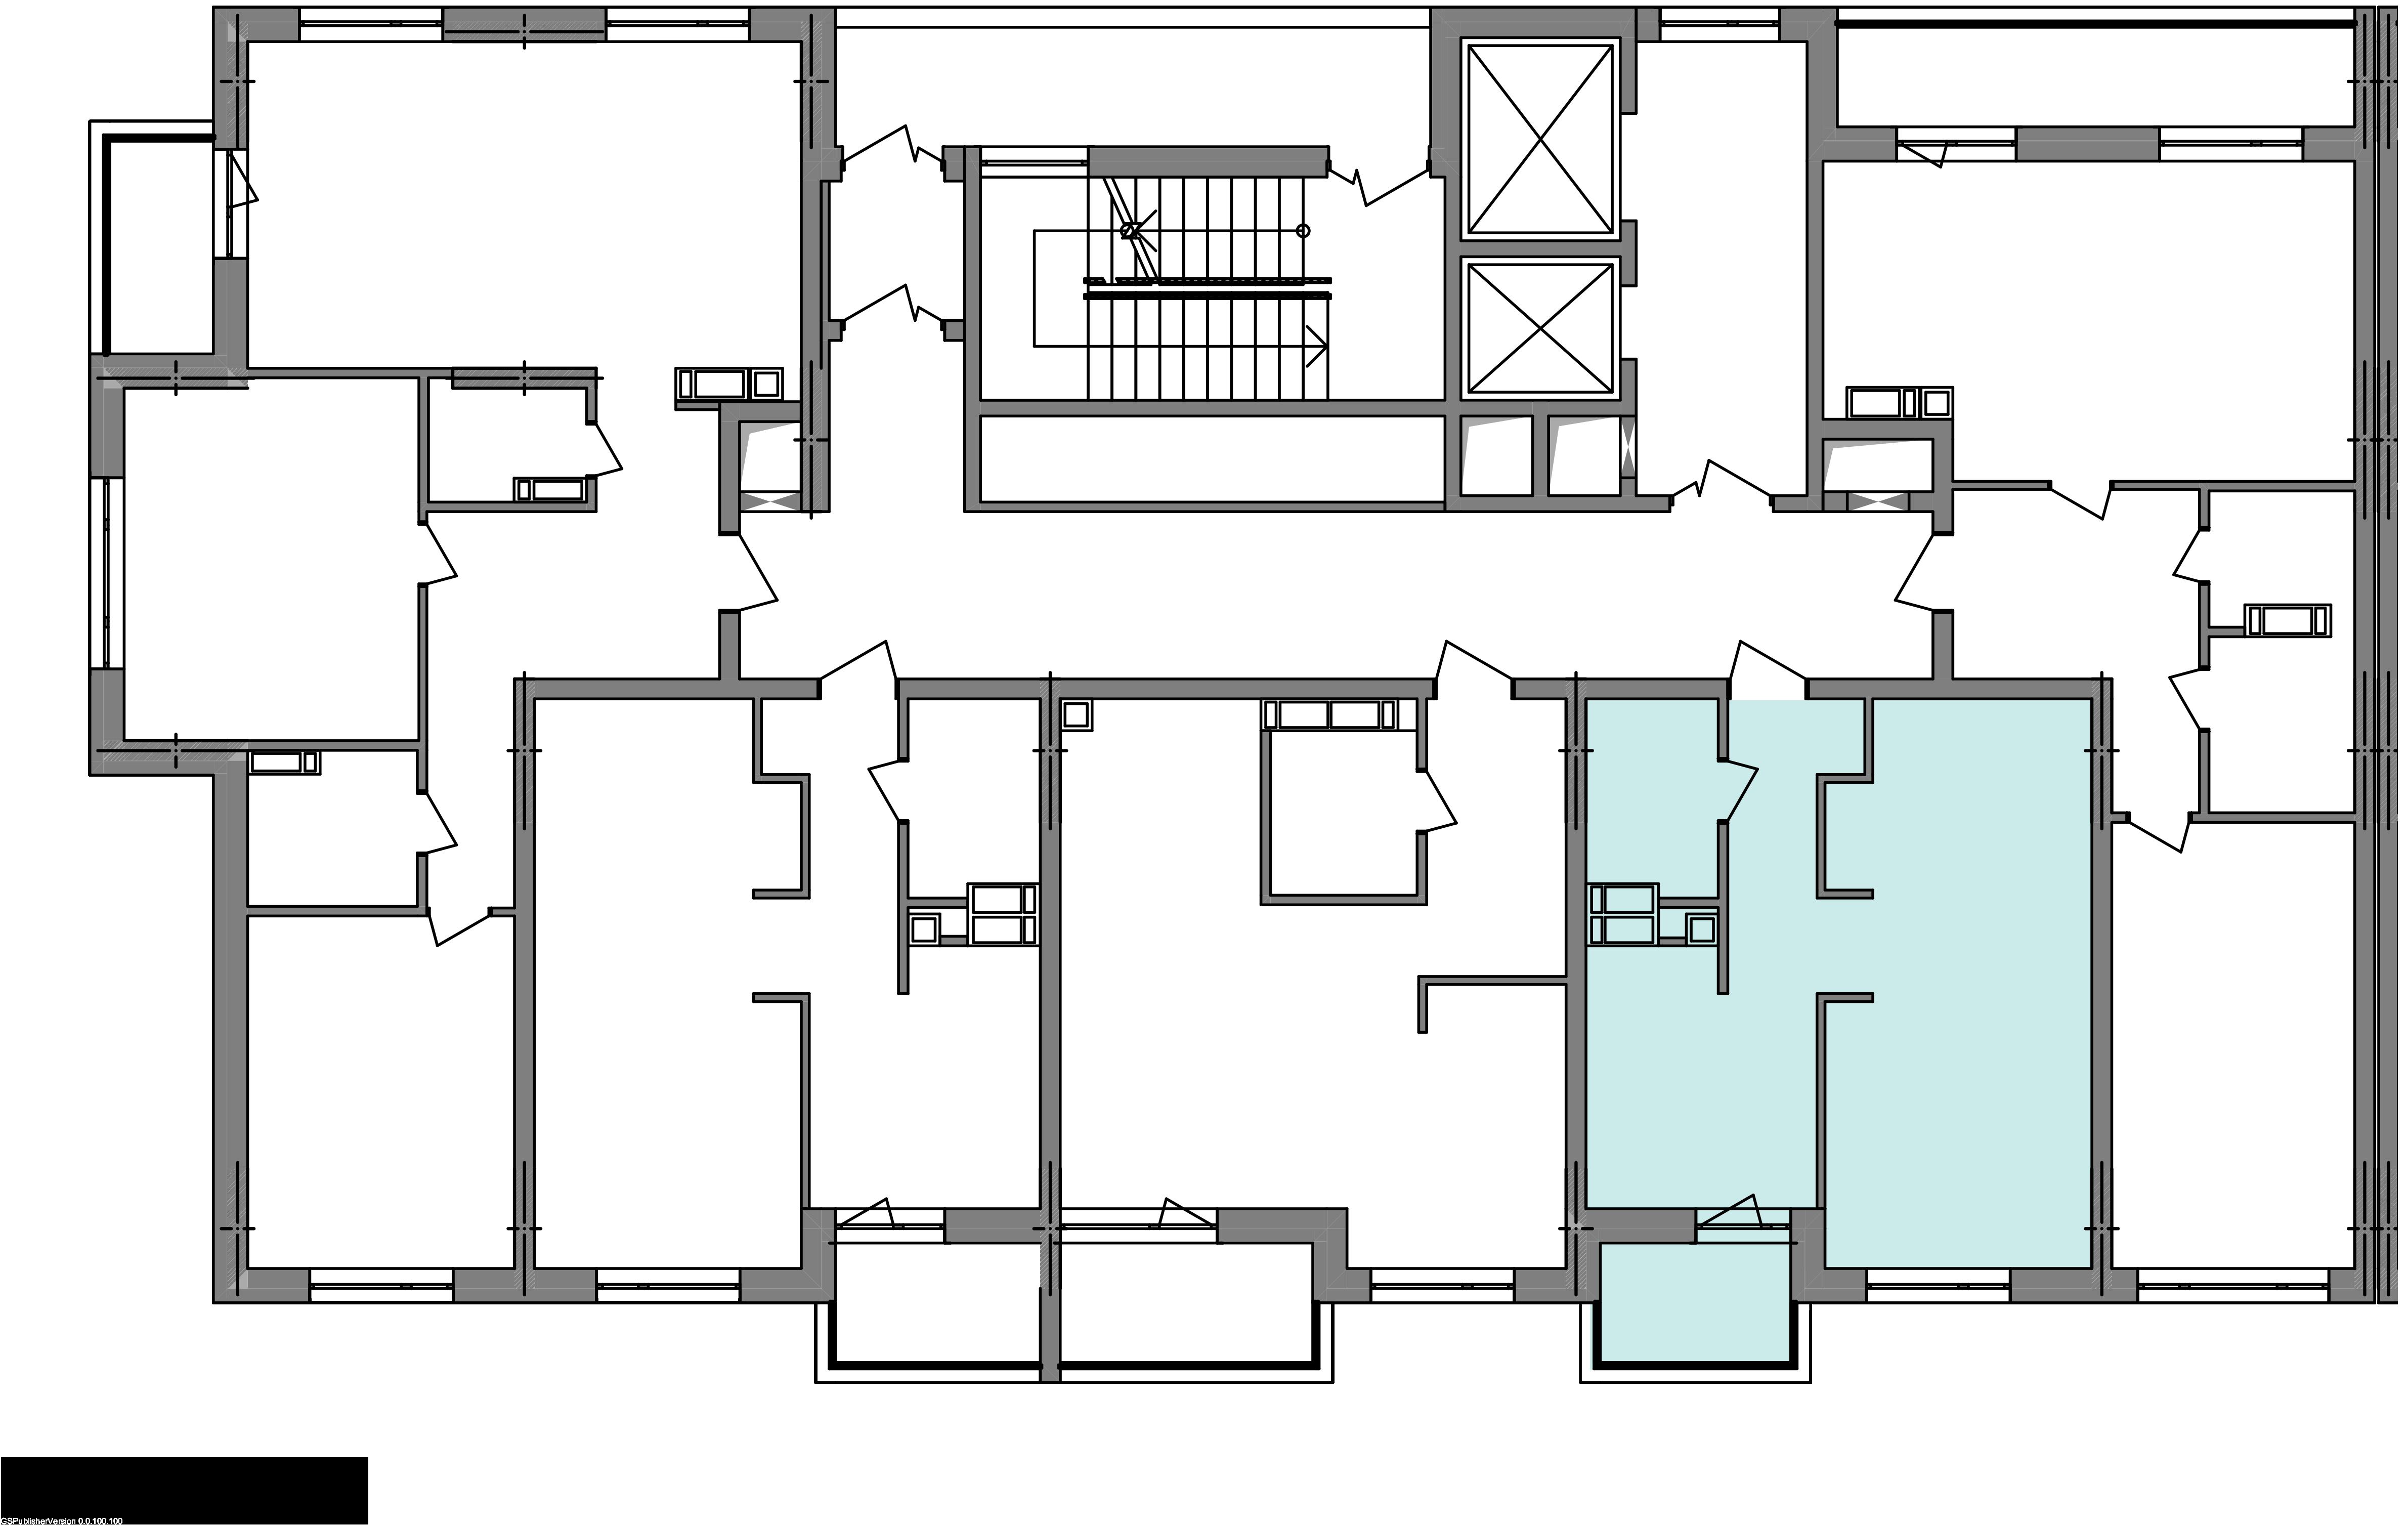 Однокомнатная квартира 40,42 кв.м., тип 1.4, дом 3 секция 1 расположение на этаже